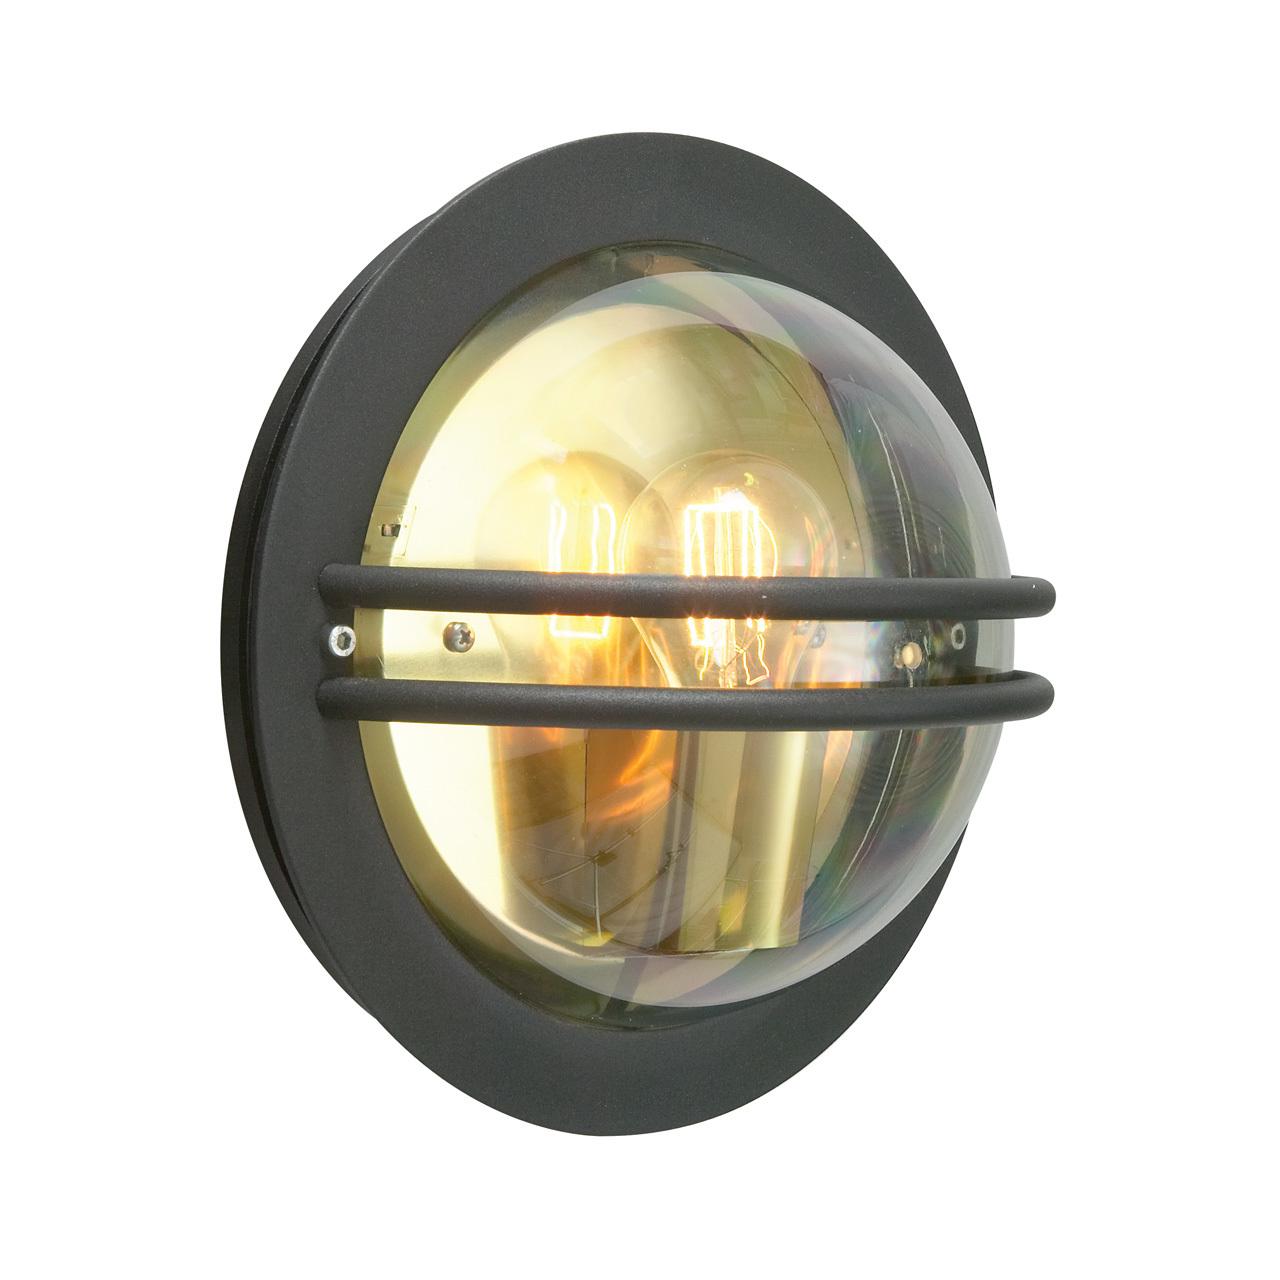 Lampa ścienna BREMEN 630B -Norlys  SPRAWDŹ RABATY  5-10-15-20 % w koszyku